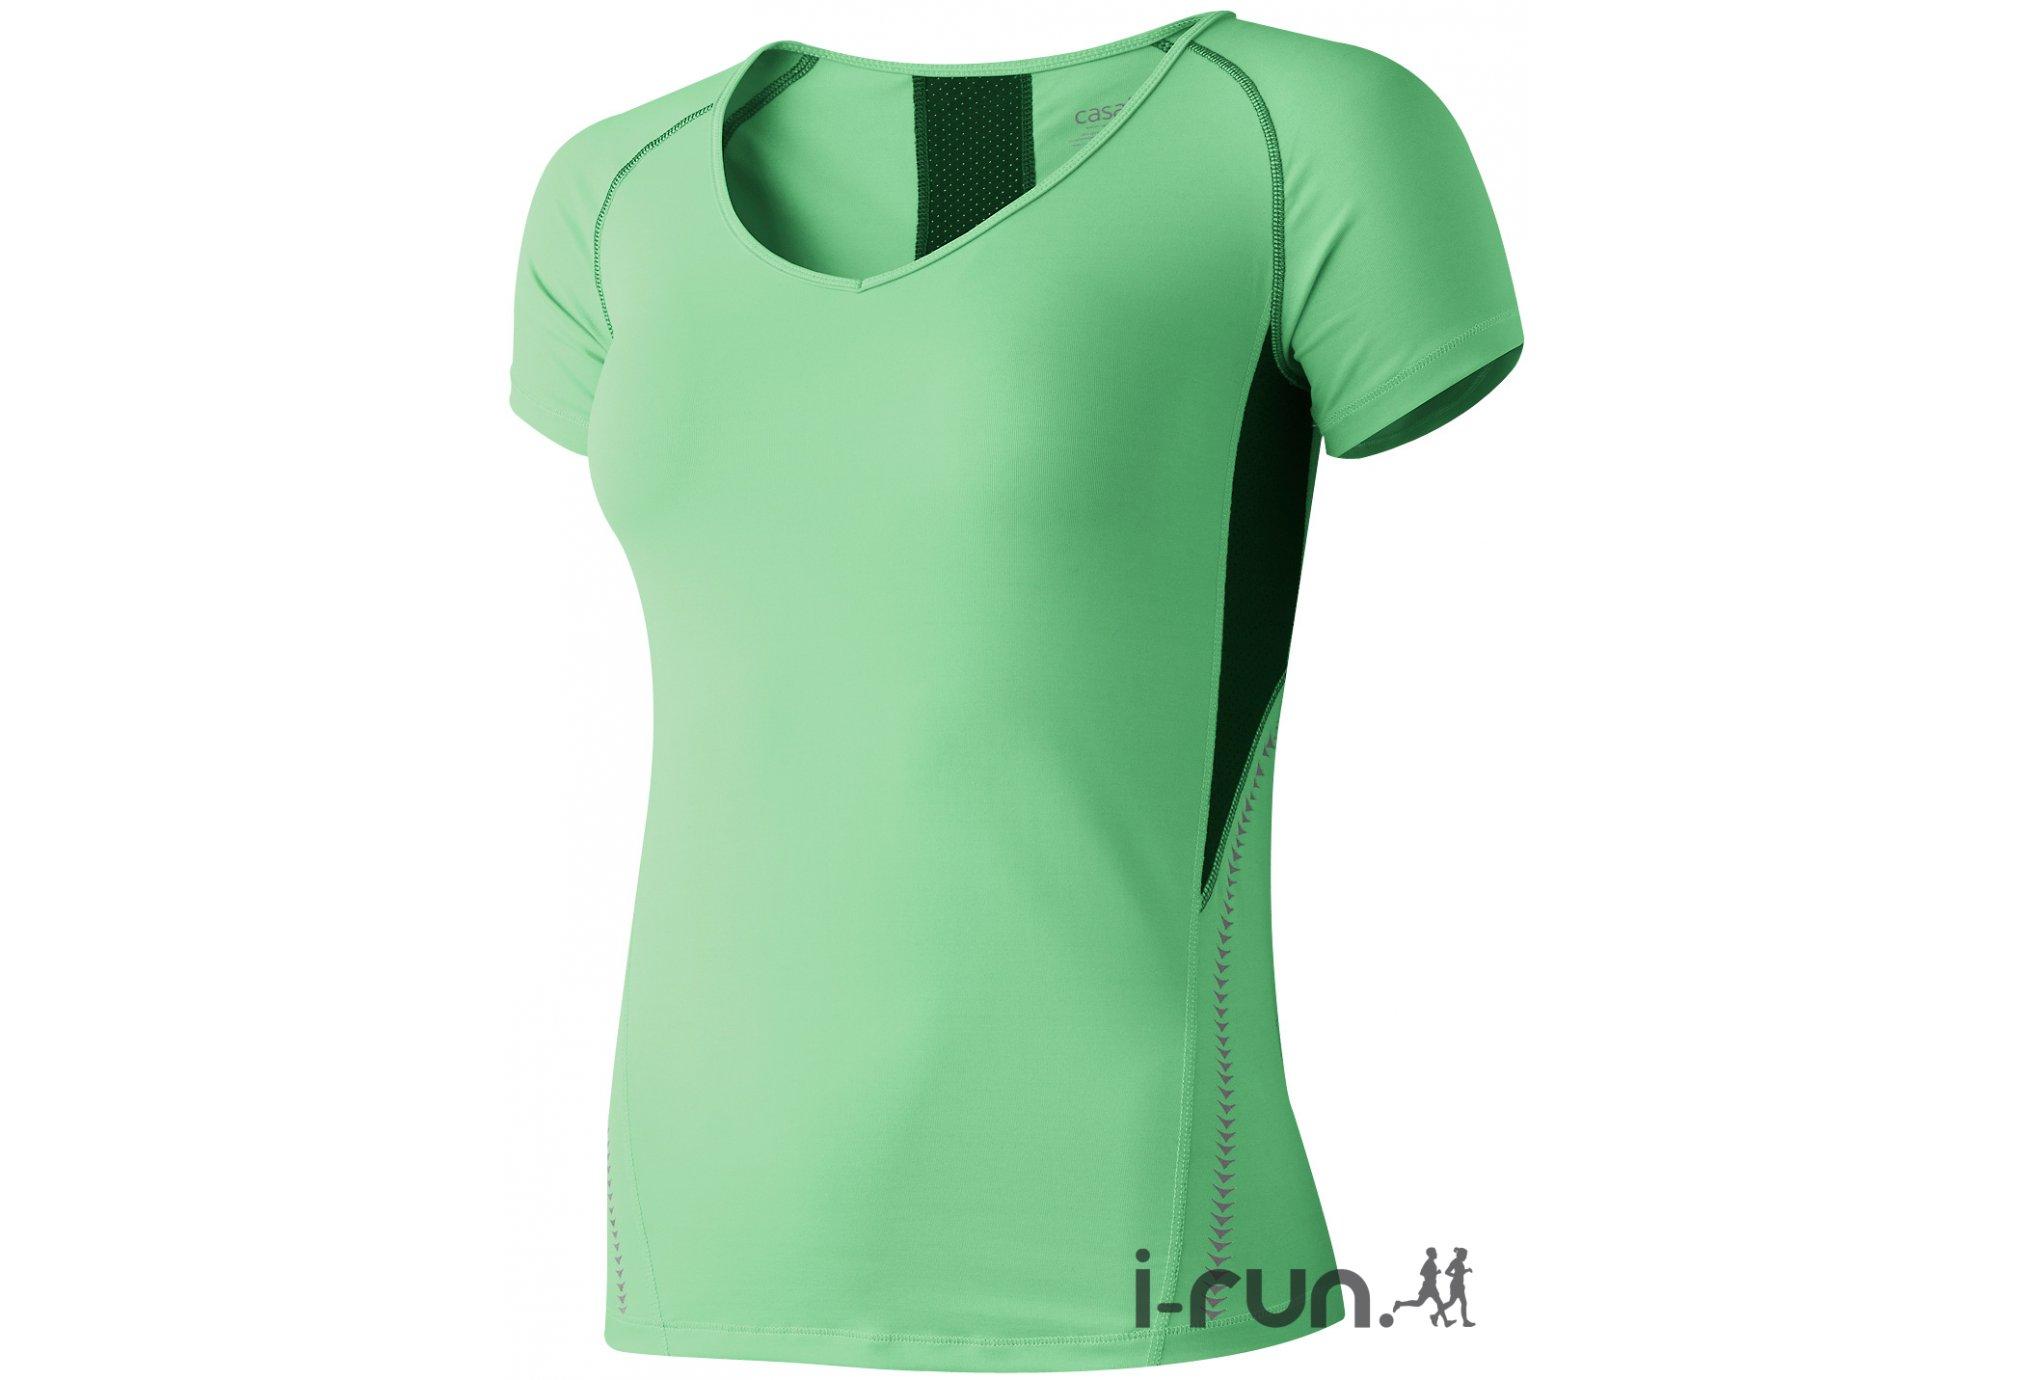 Casall Tee-shirt Swift W Diététique Vêtements femme